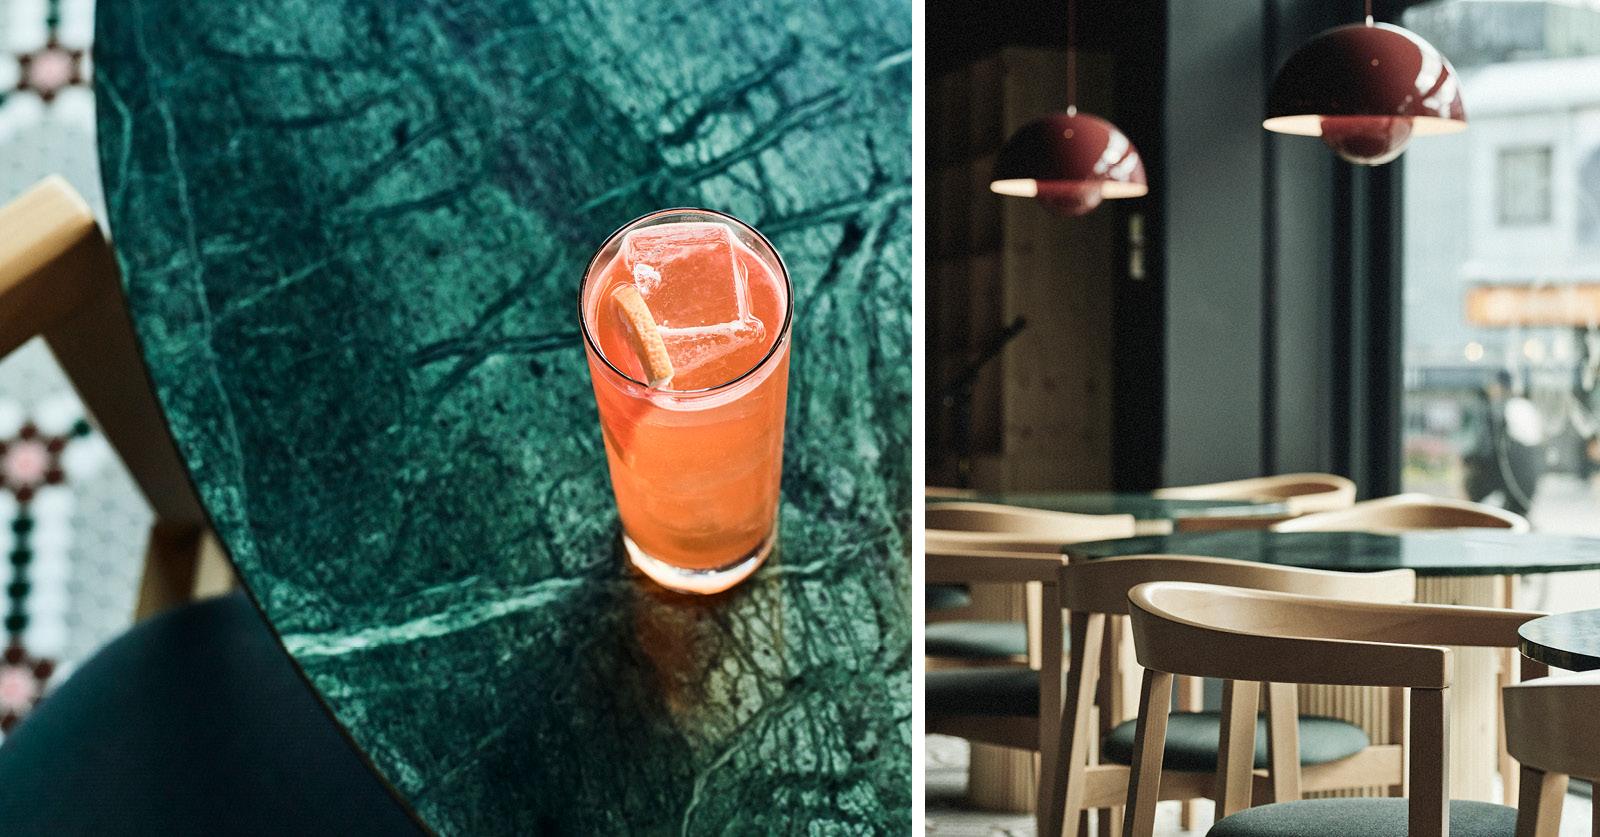 Mosaiikkilattian lisäksi vihreä marmori oli ehdoton elementti, joka ravintoaan haluttiin. Nämä toiveet annettiin eteenpäin Yo Zen -arkkitehtitoimistolle, joka lähti tältäpohjalta toteuttamaan tunnelmallista kokonaisuutta. Kuvat: Petri Teppo – Studio Artica